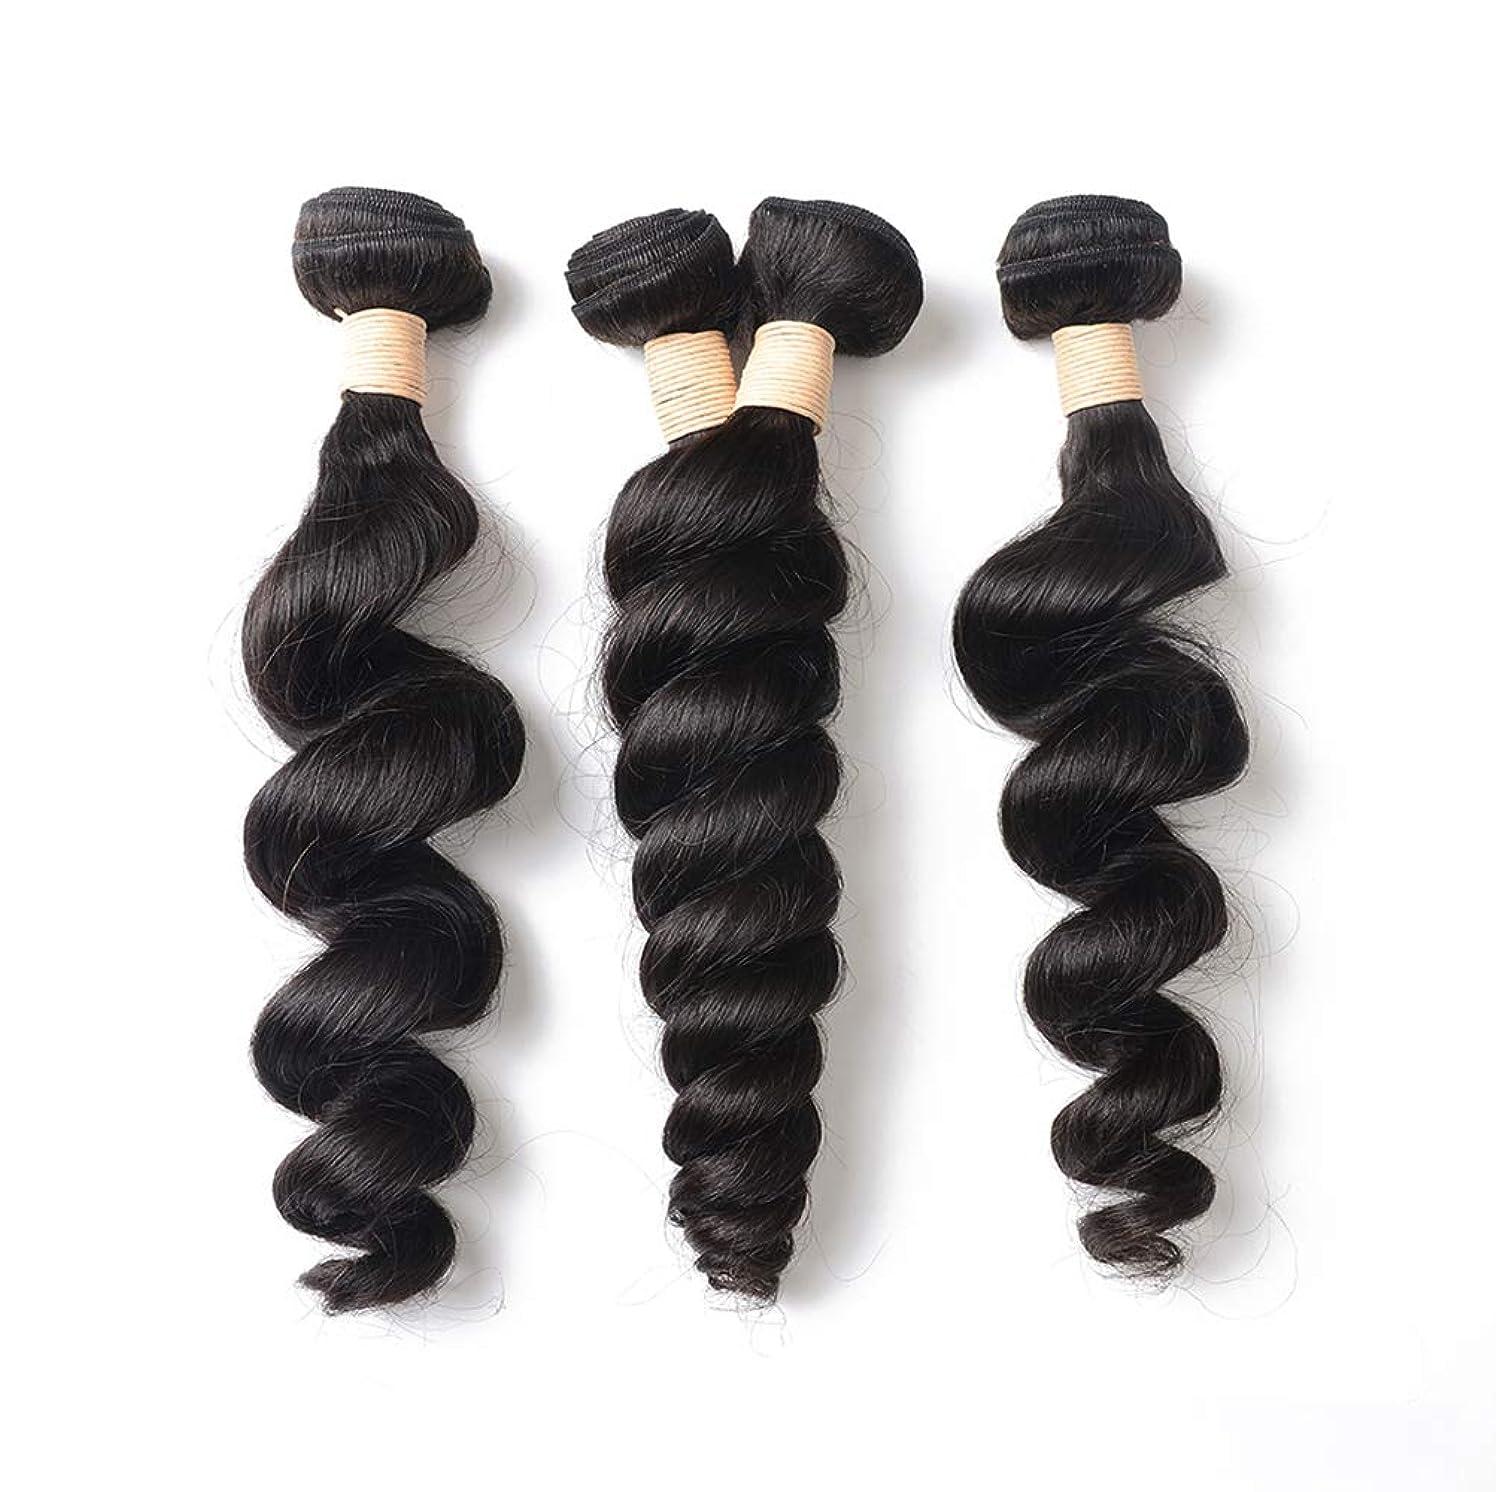 提案する舗装どちらか女性の髪織り150%密度ブラジル実体波髪1バンドルグレード8Aバージンレミーリアル人間の髪の毛